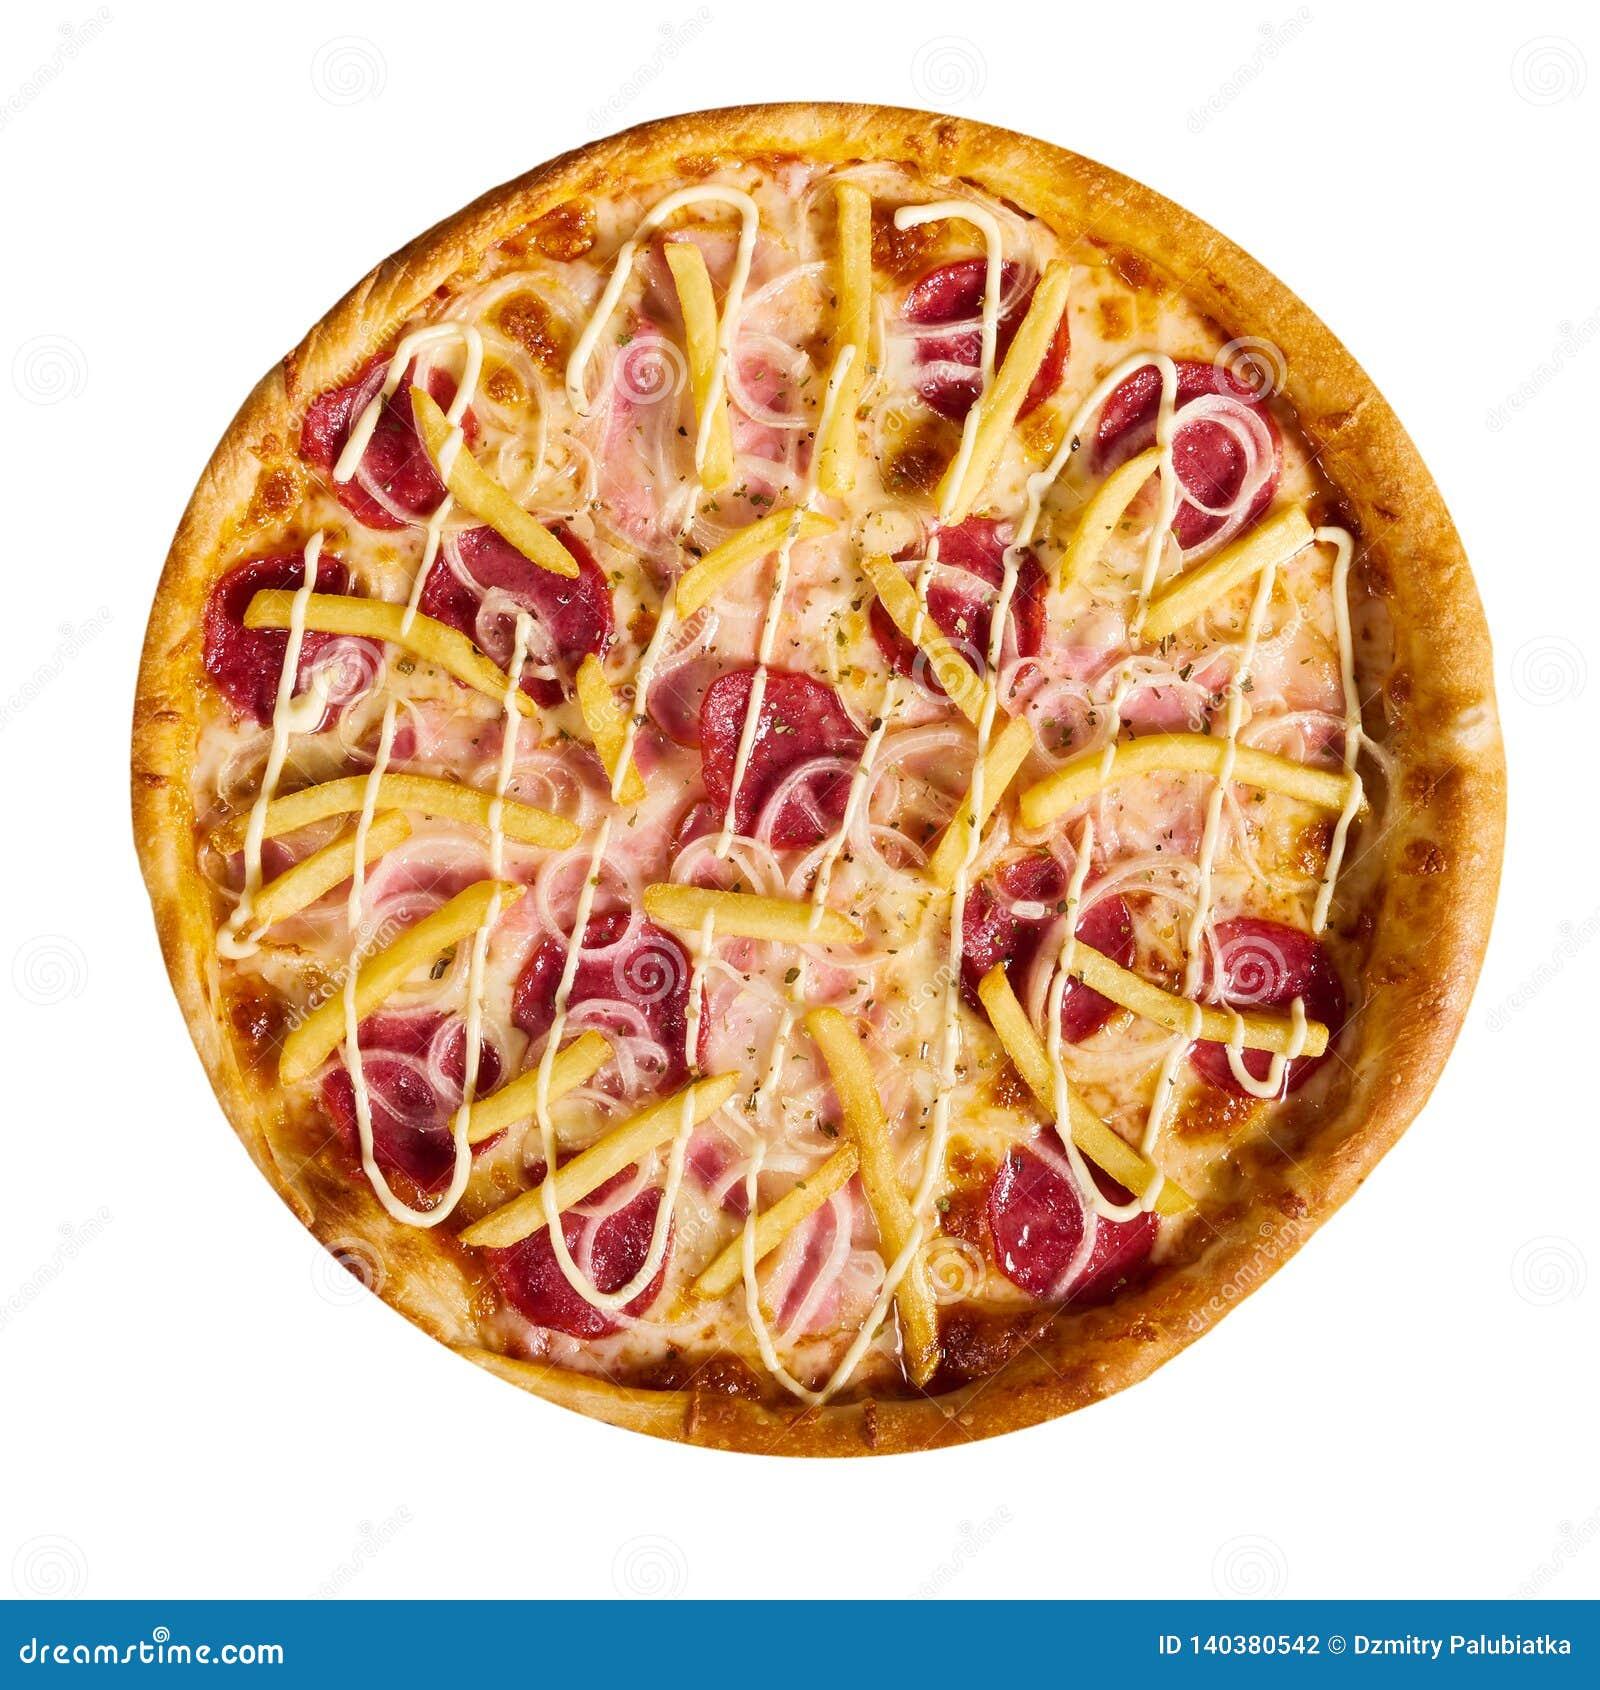 Pizza italiana deliciosa con las patatas fritas en el fondo blanco, aislado